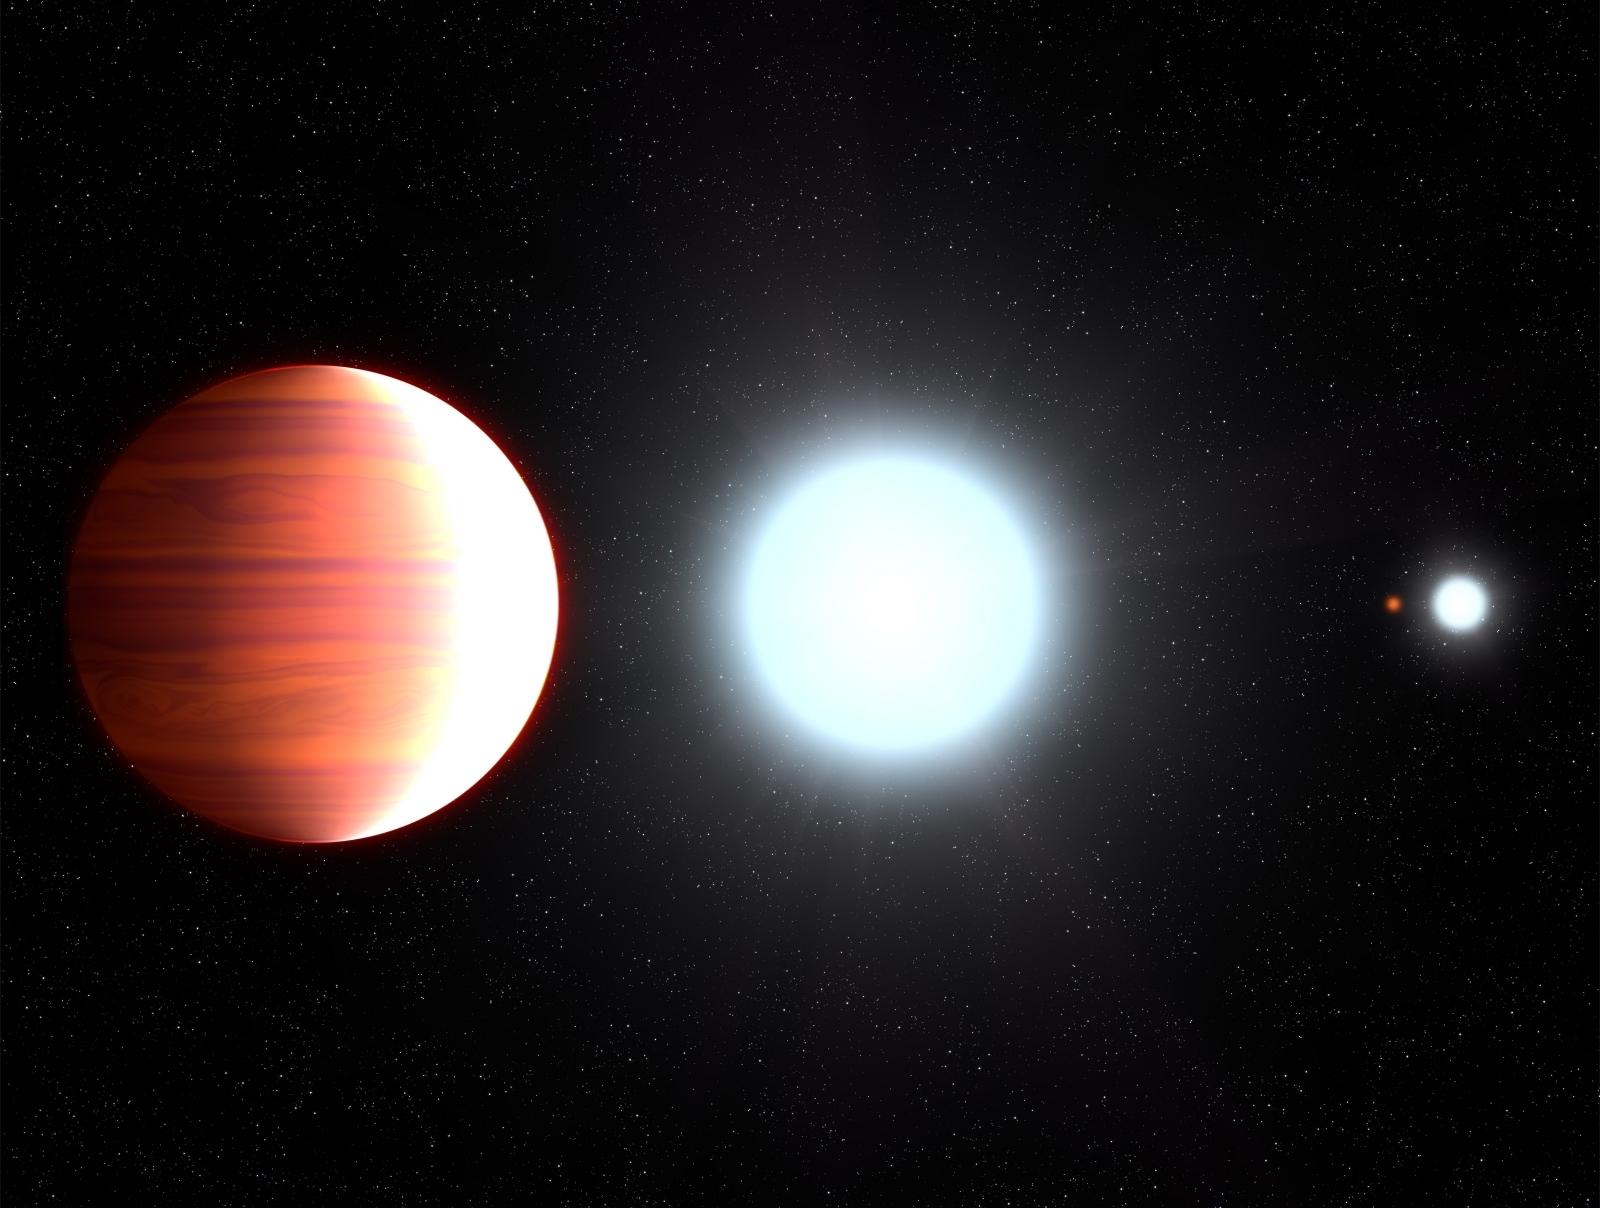 Kepler-13Ab exoplanet